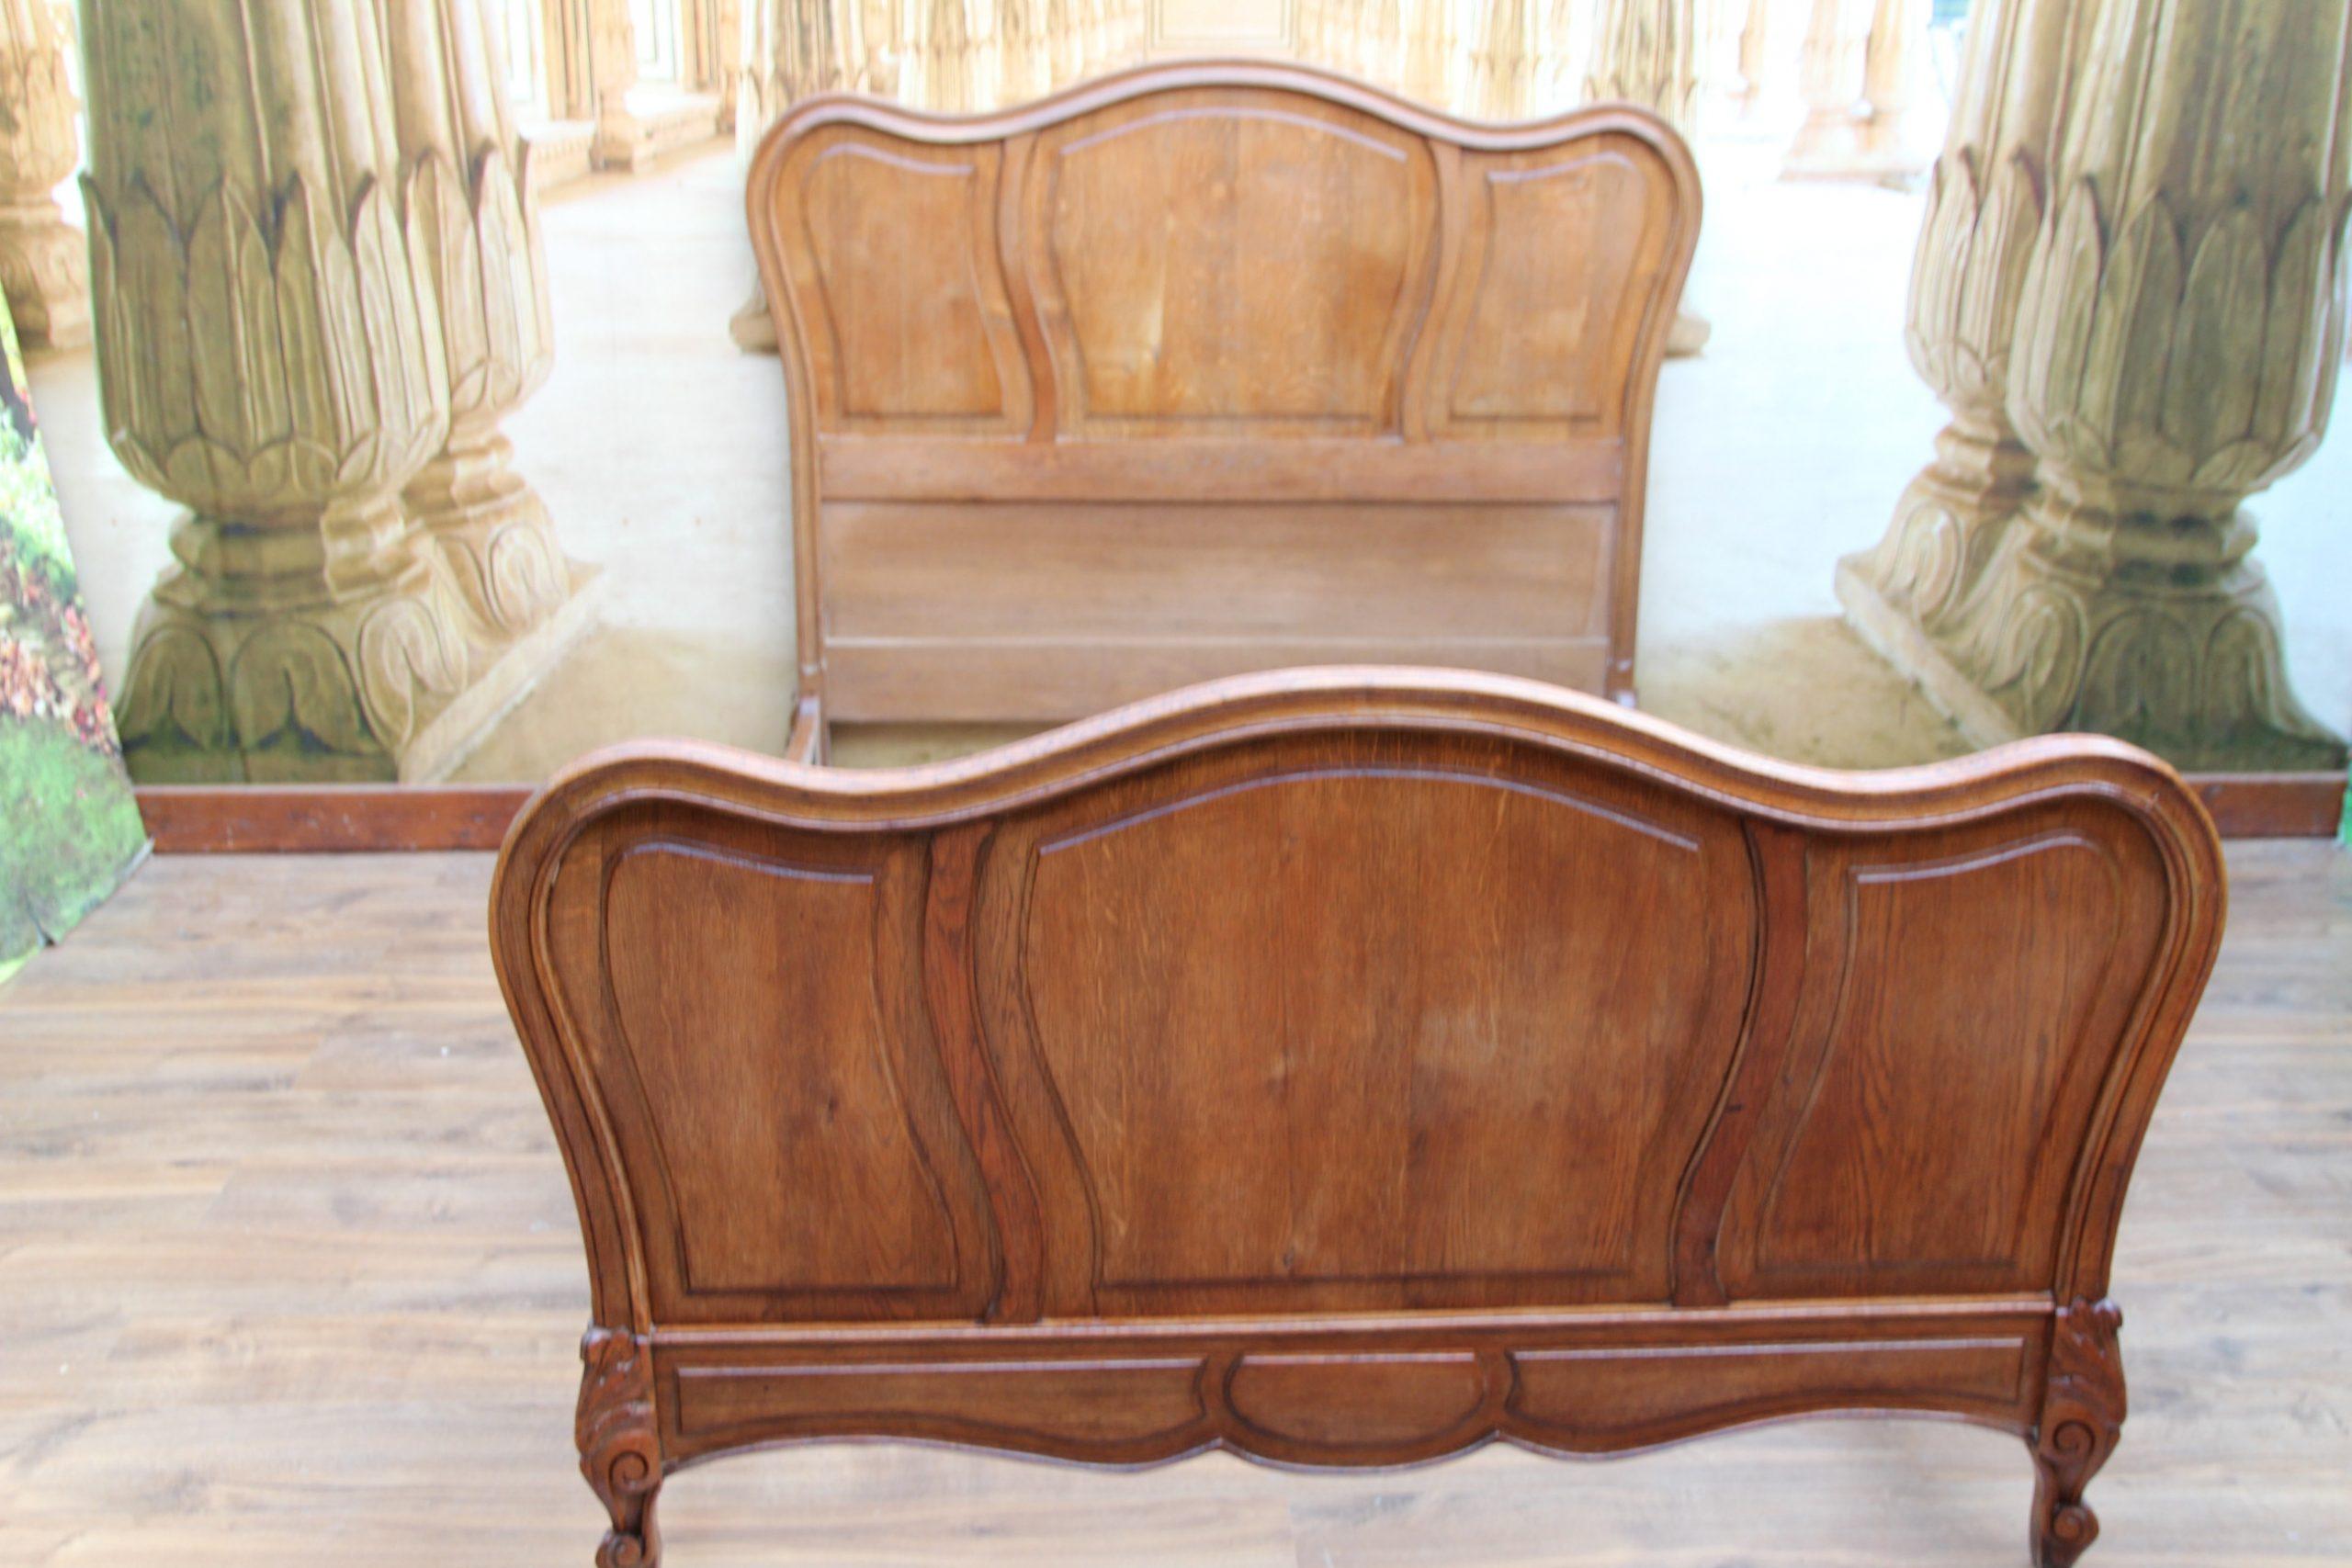 Full Size of Amerikanische Betten Bei Ikea 100x200 Ruf Französische Ottoversand Kinder Moebel De Billerbeck 90x200 Flexa Ebay 180x200 Ohne Kopfteil Bett Antike Betten